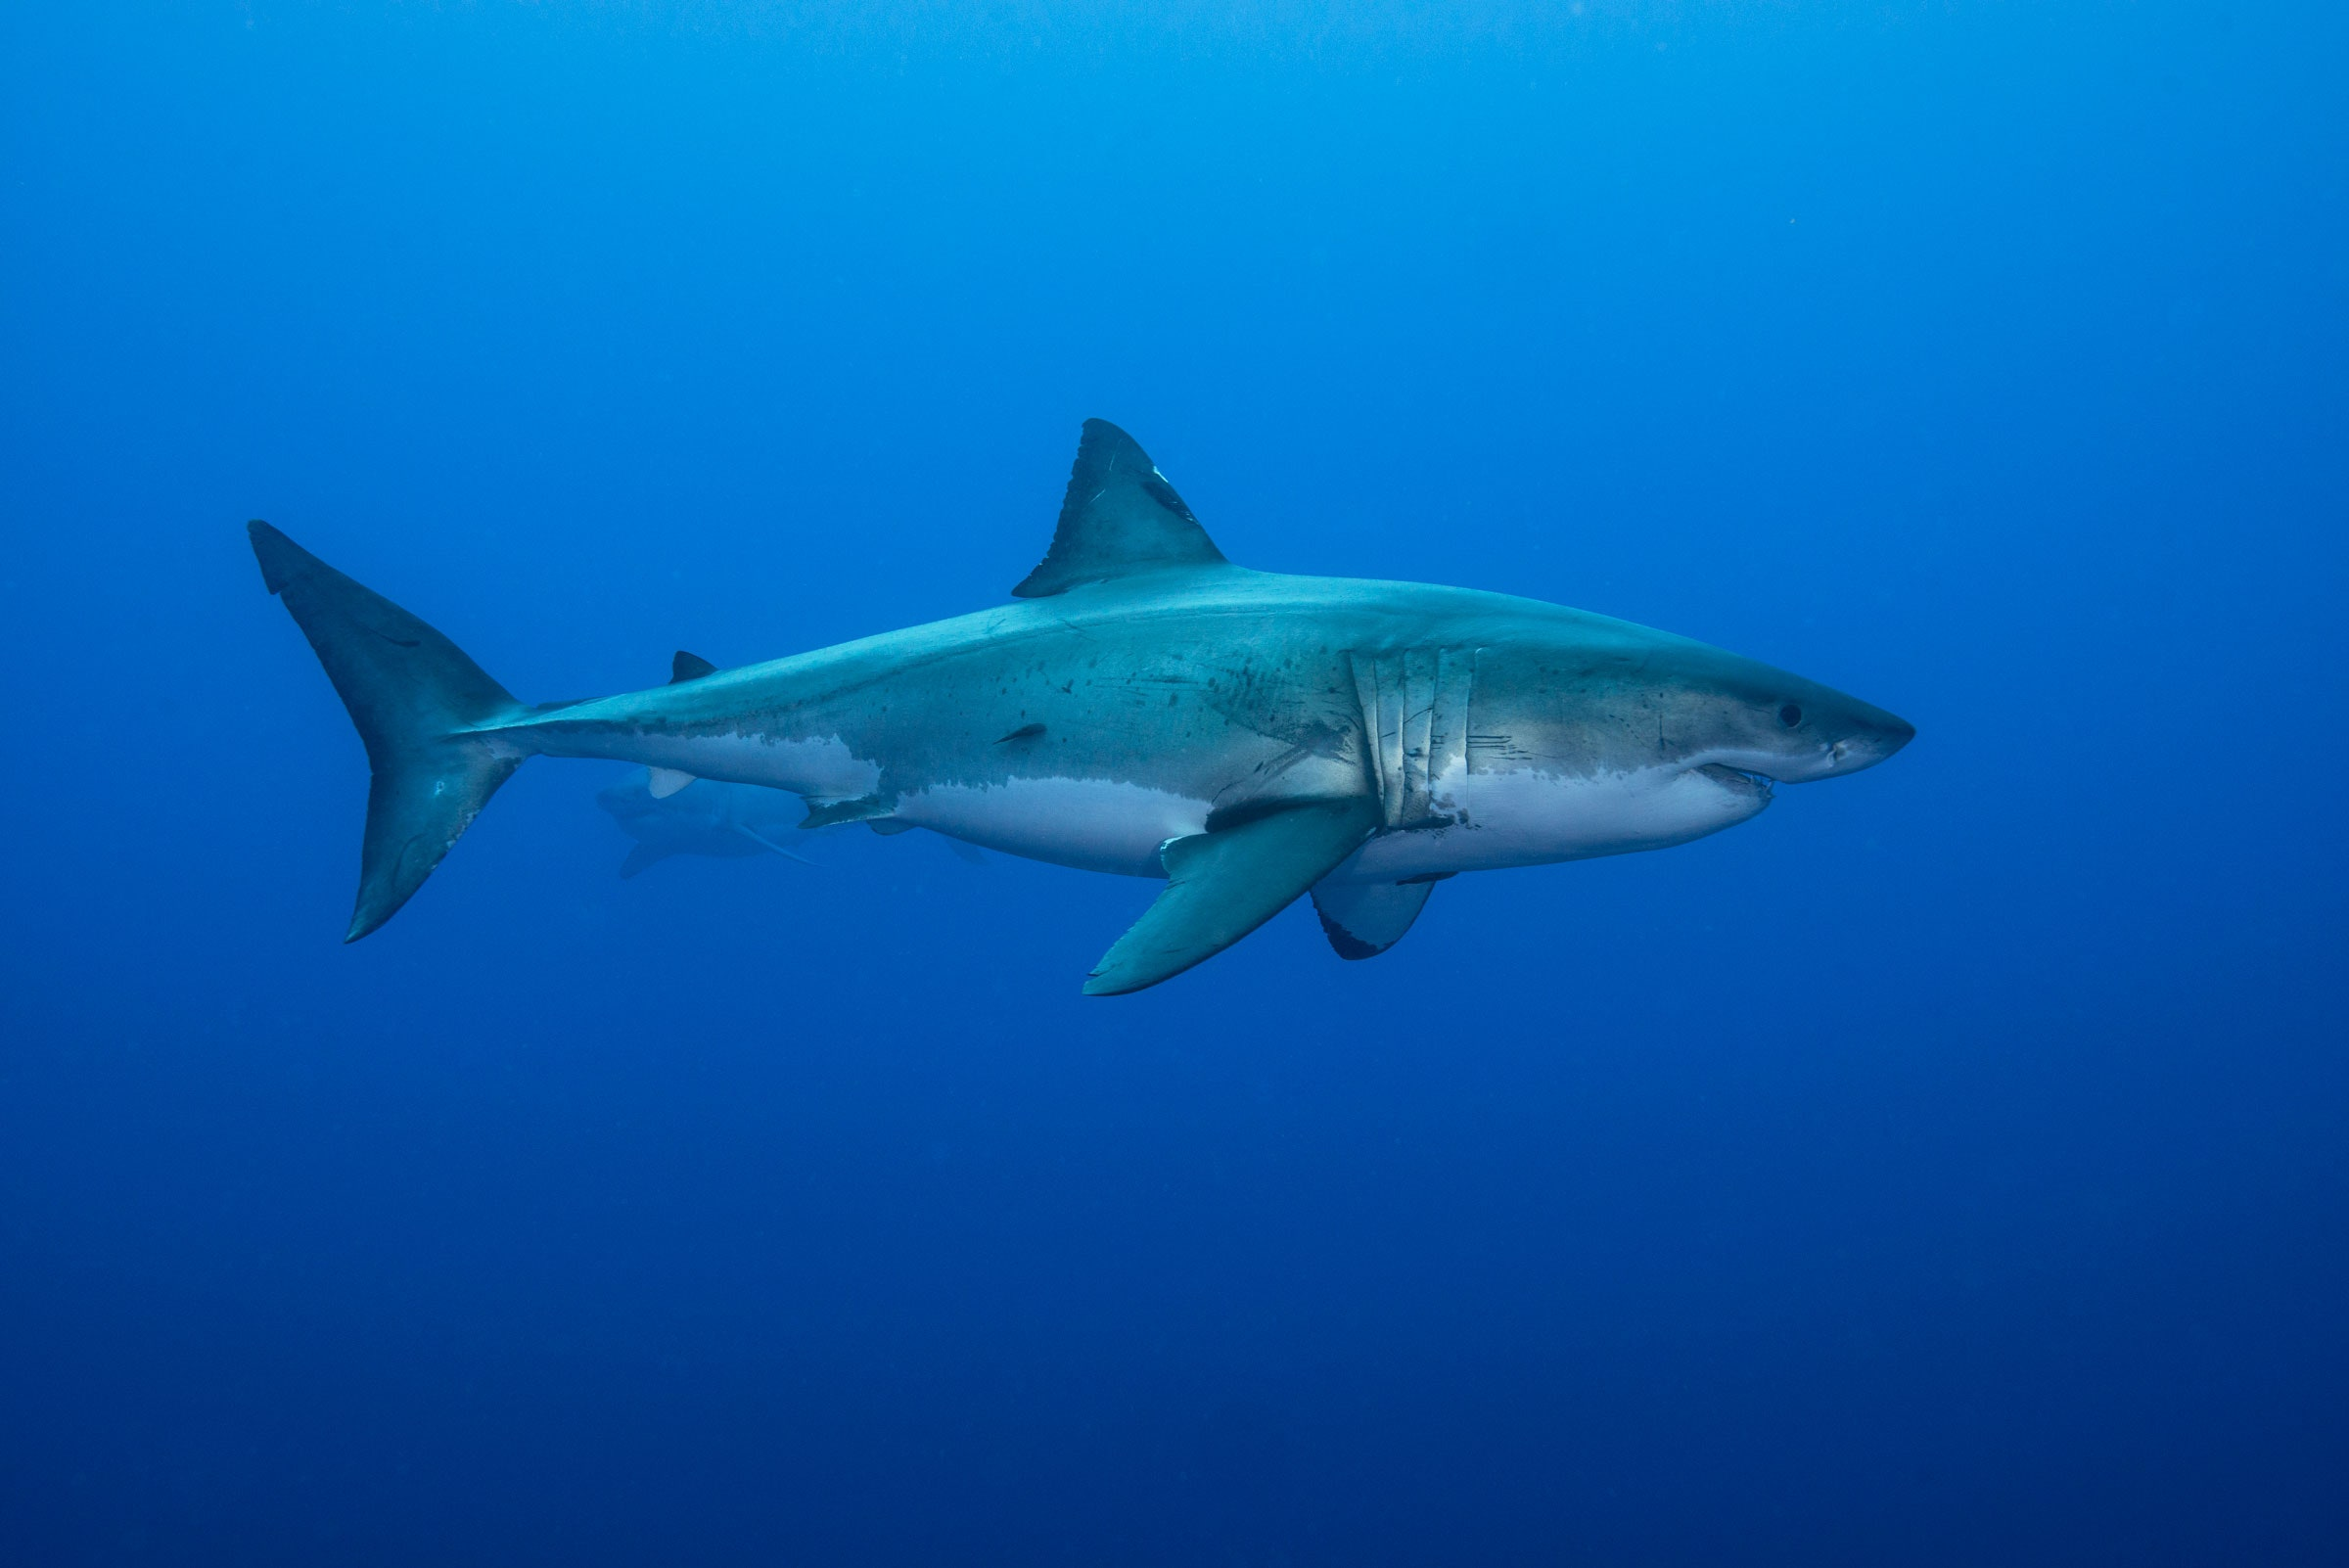 Физика в мире животных: как акулы ориентируются при помощи магнитного поля Земли - 1